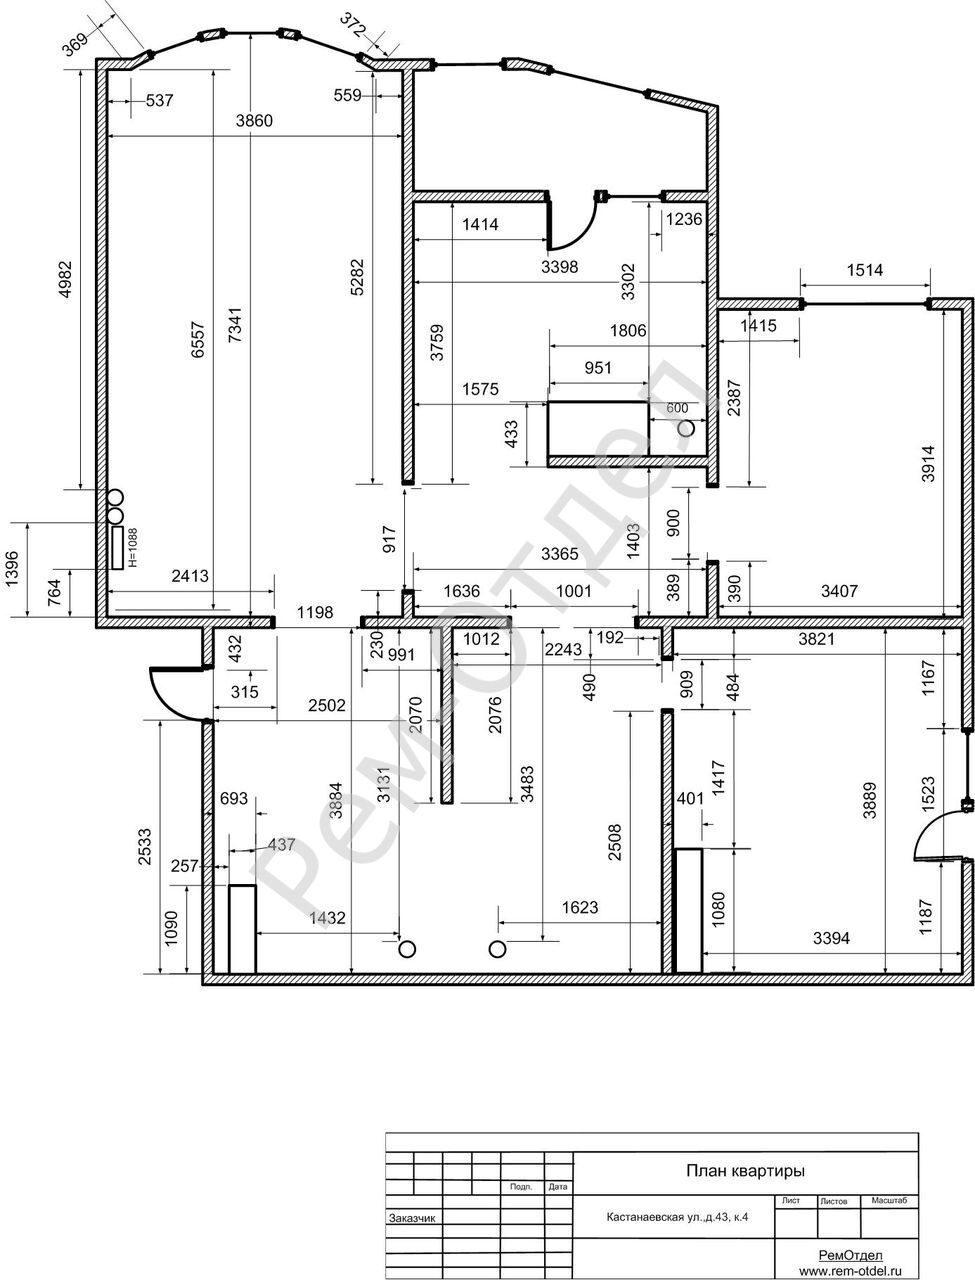 Схема квартиры сериям панельный